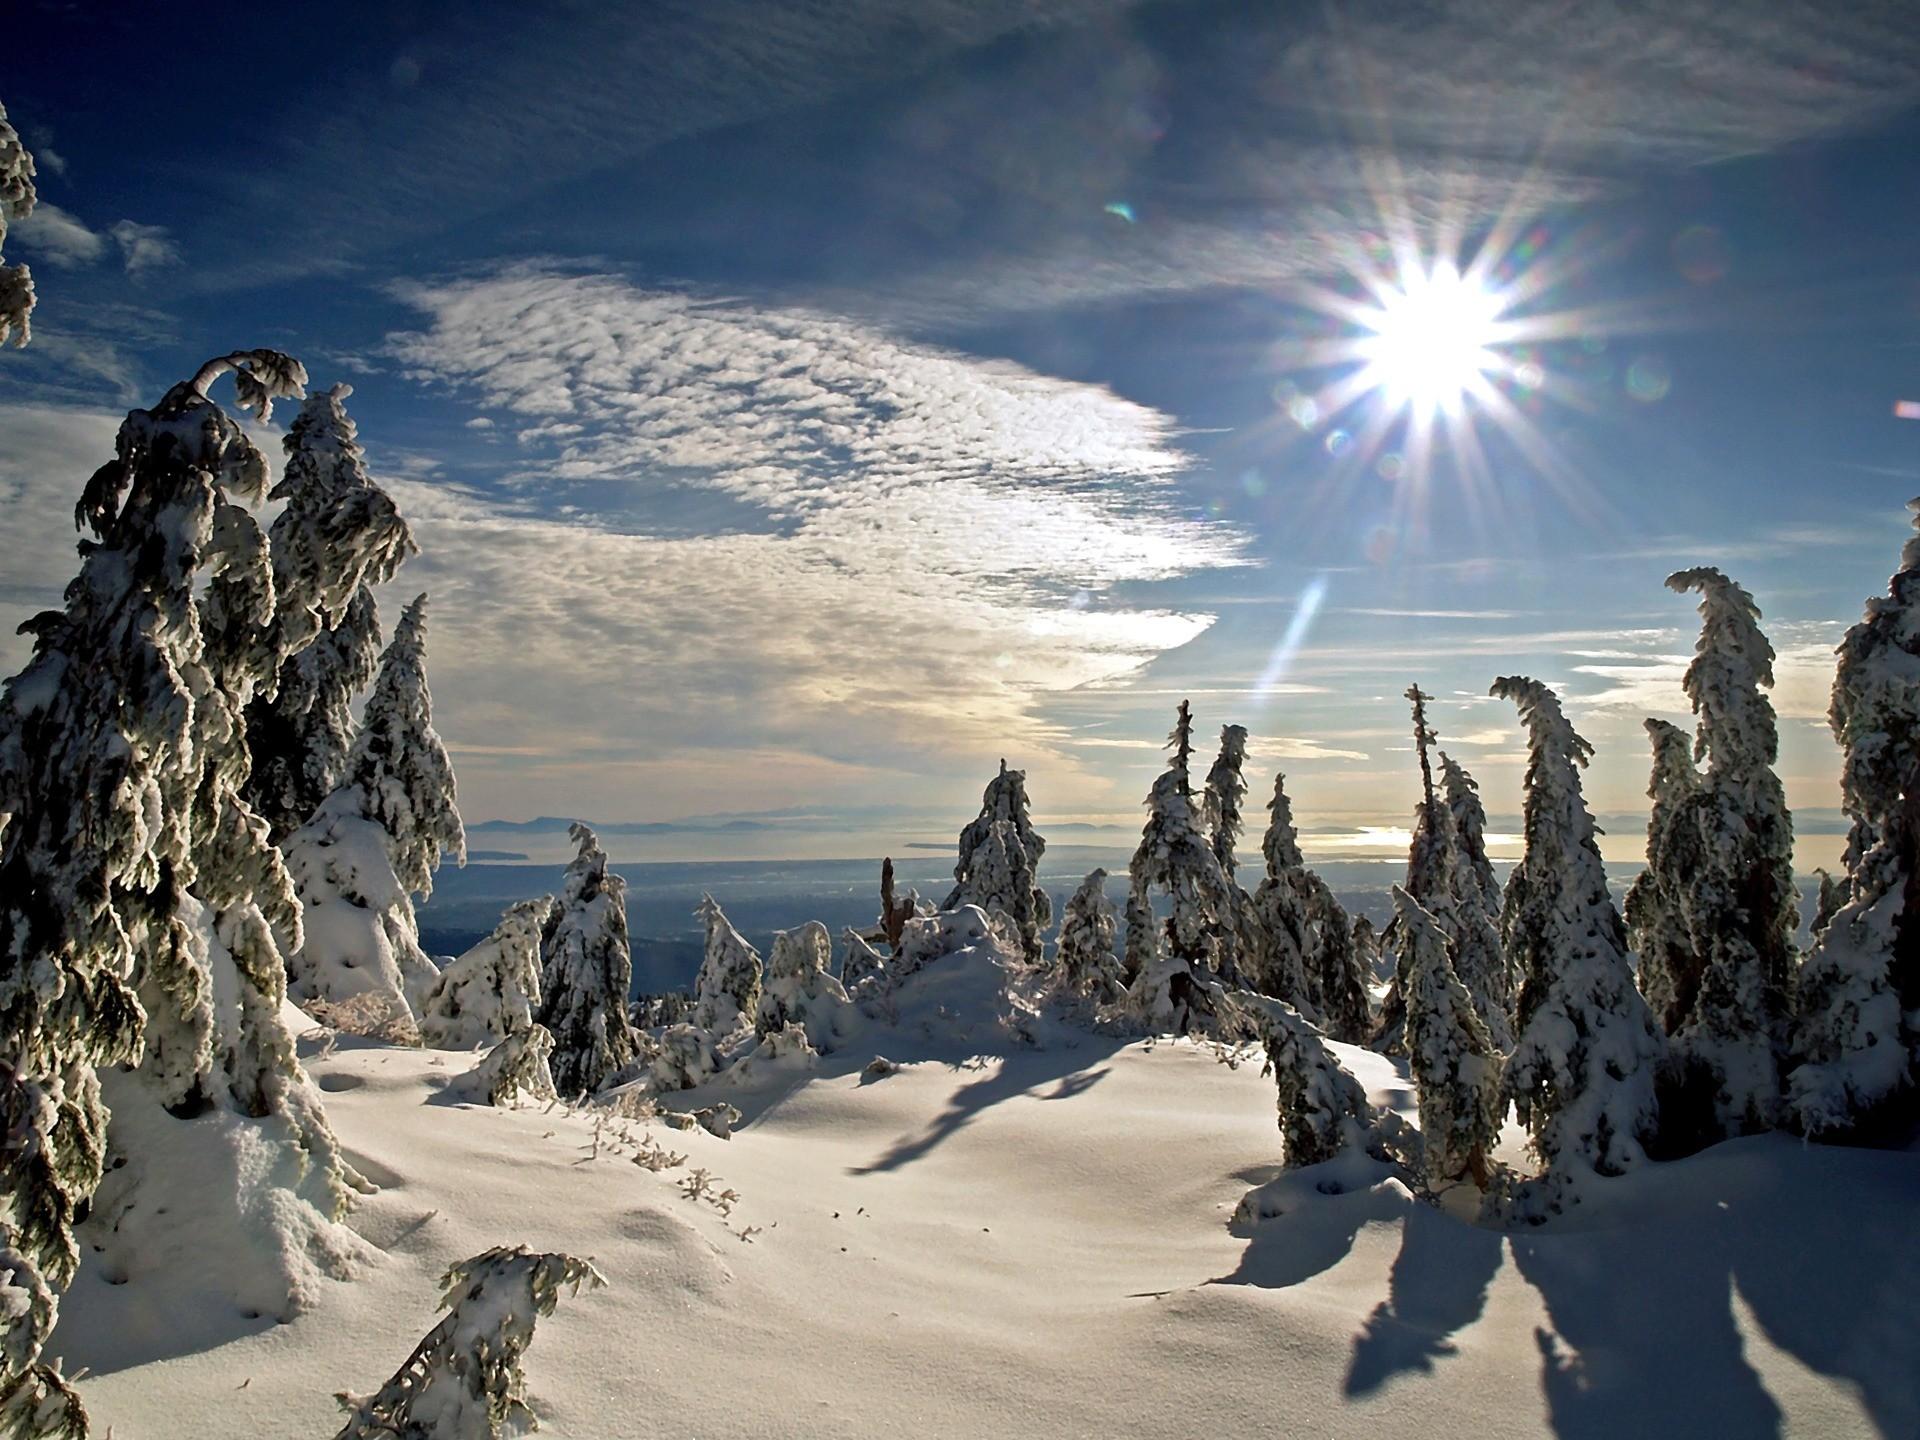 Winter Sun Wallpaper Winter Nature